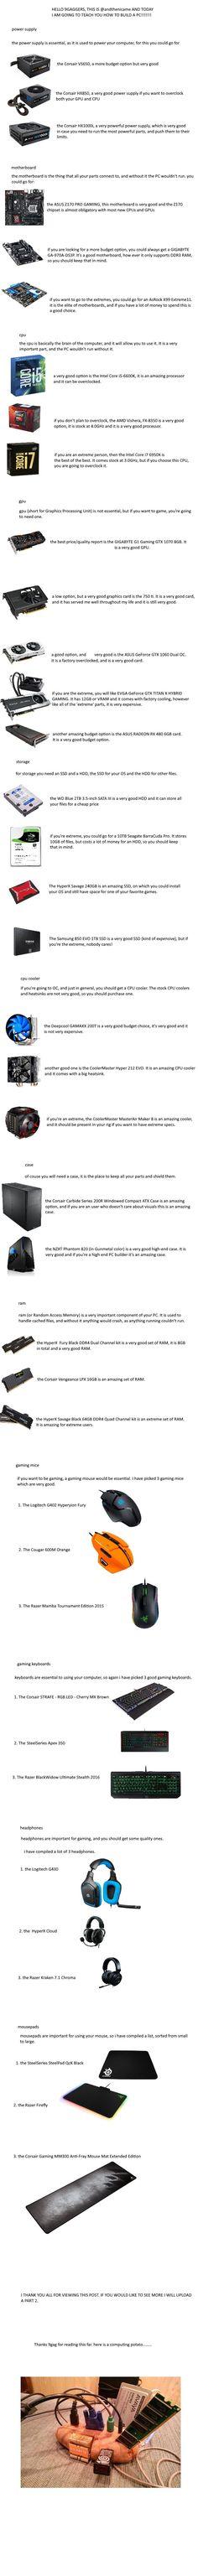 PC Building guide! OC - 9GAG